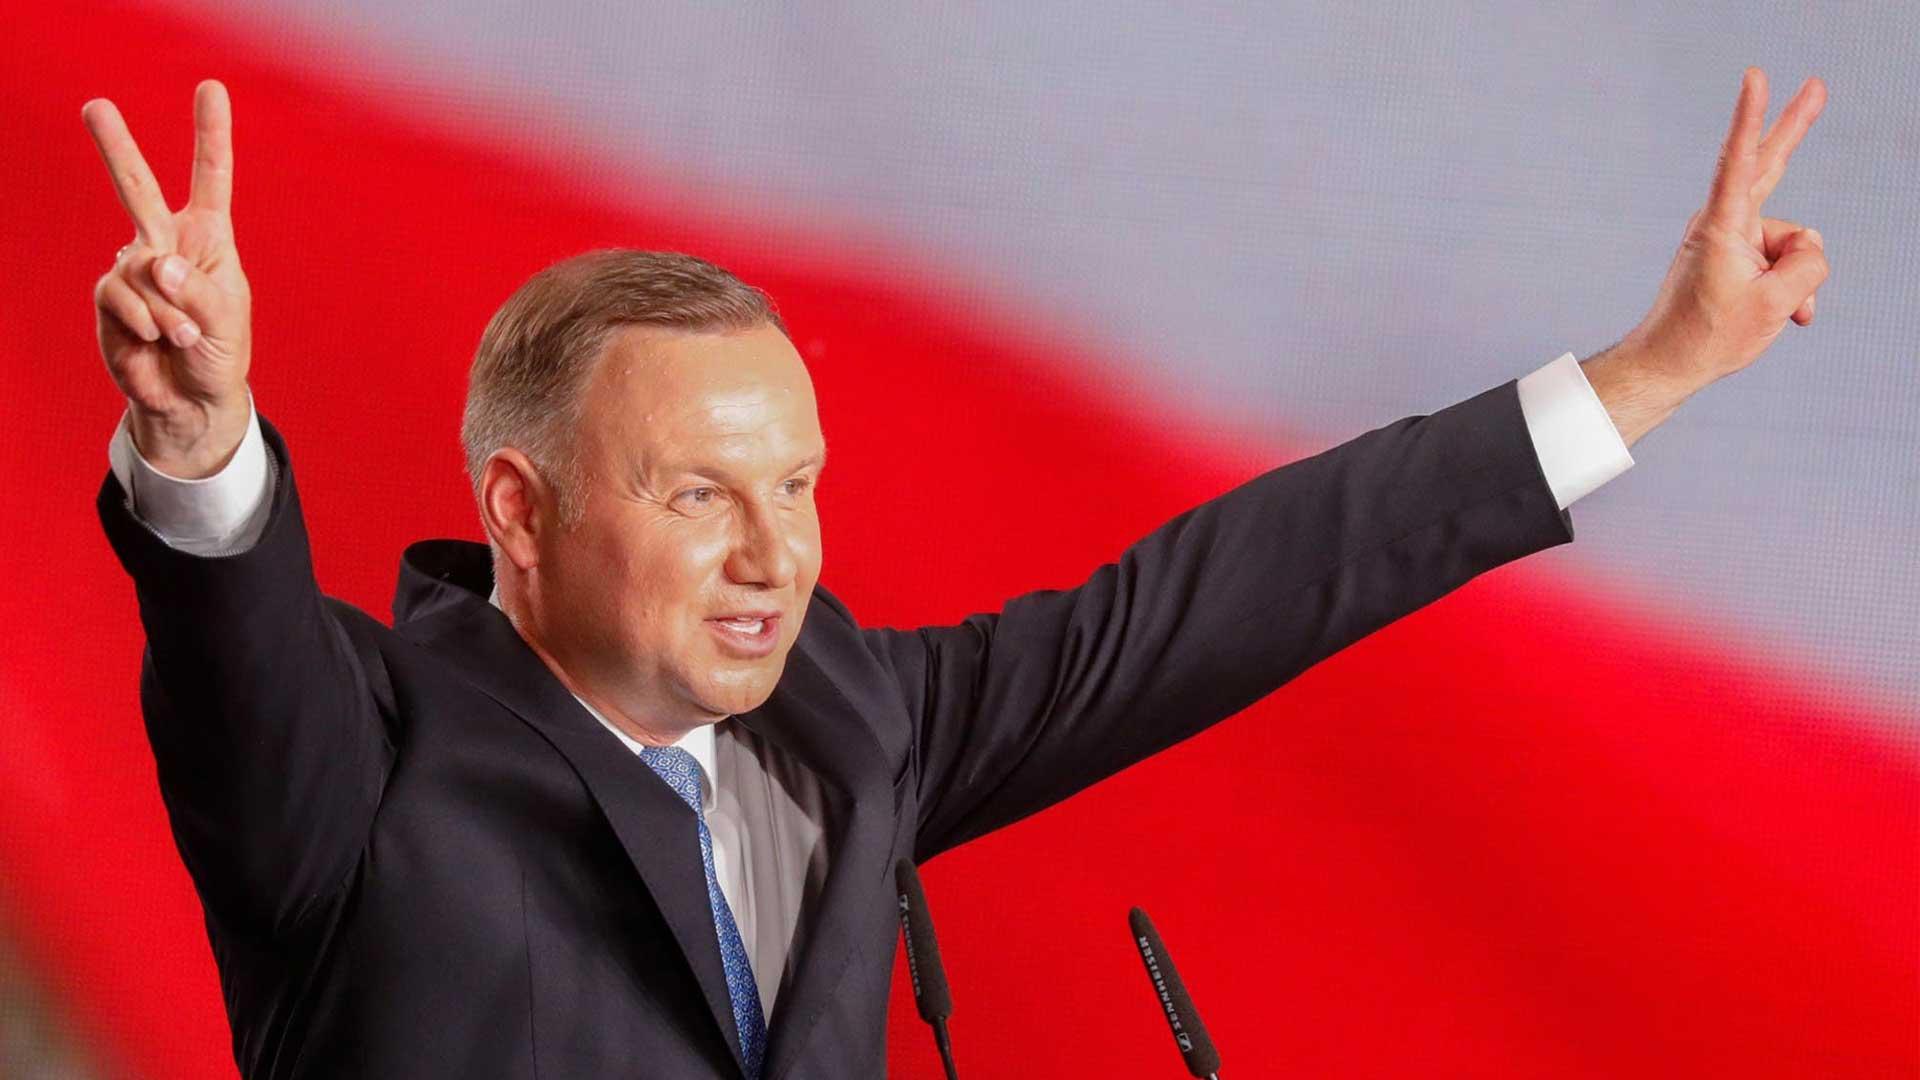 Polonia elecciones Duda